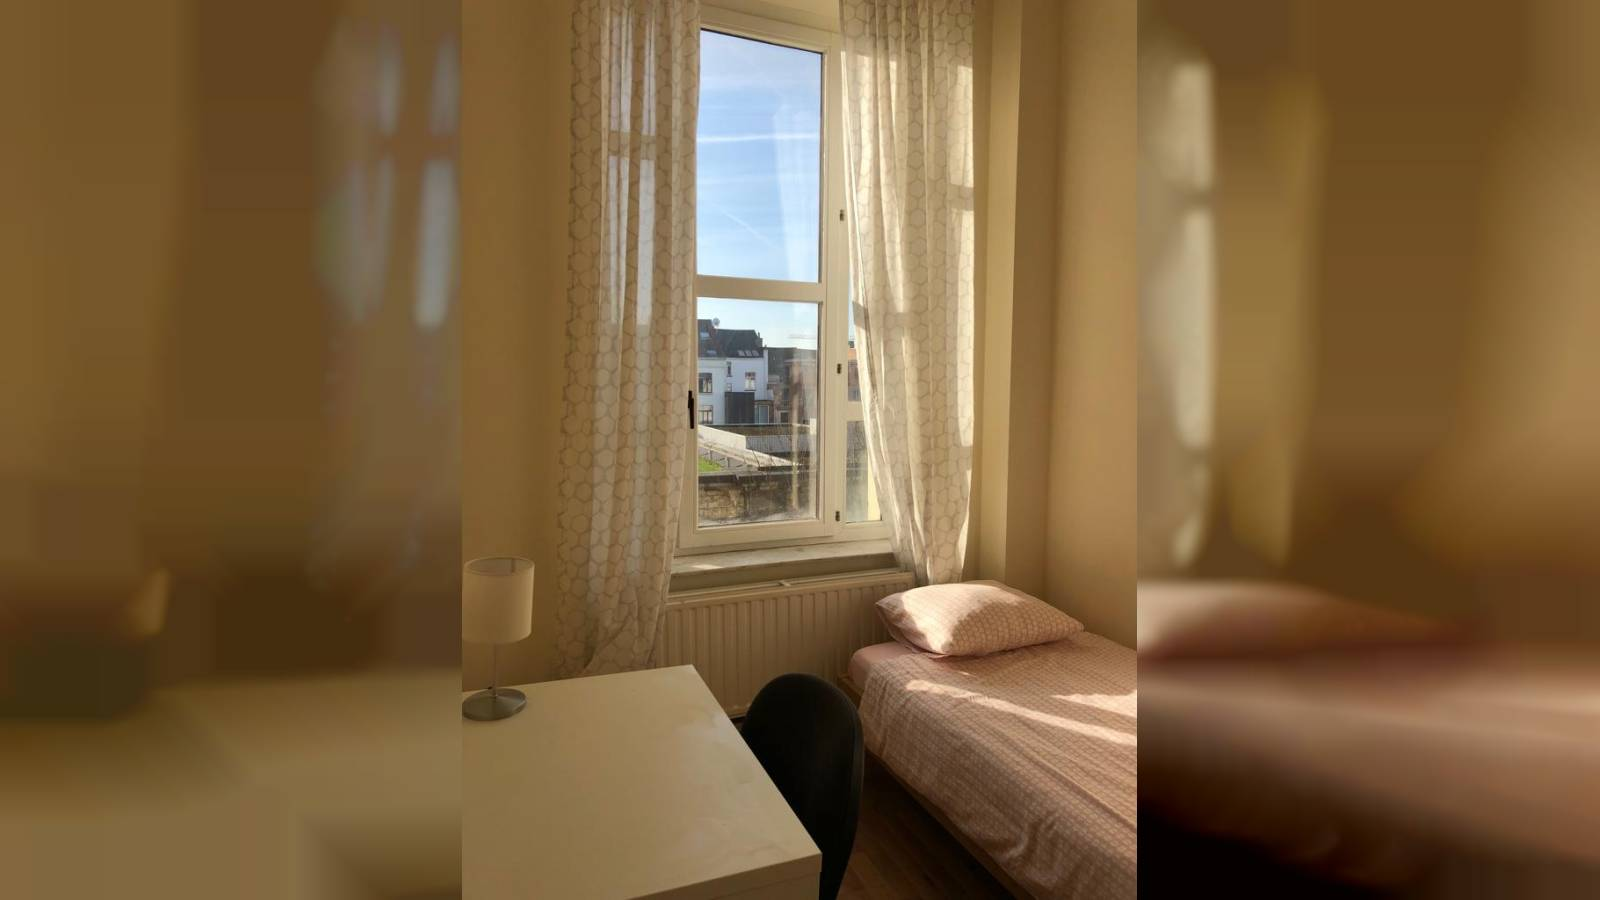 Camera da letto B4